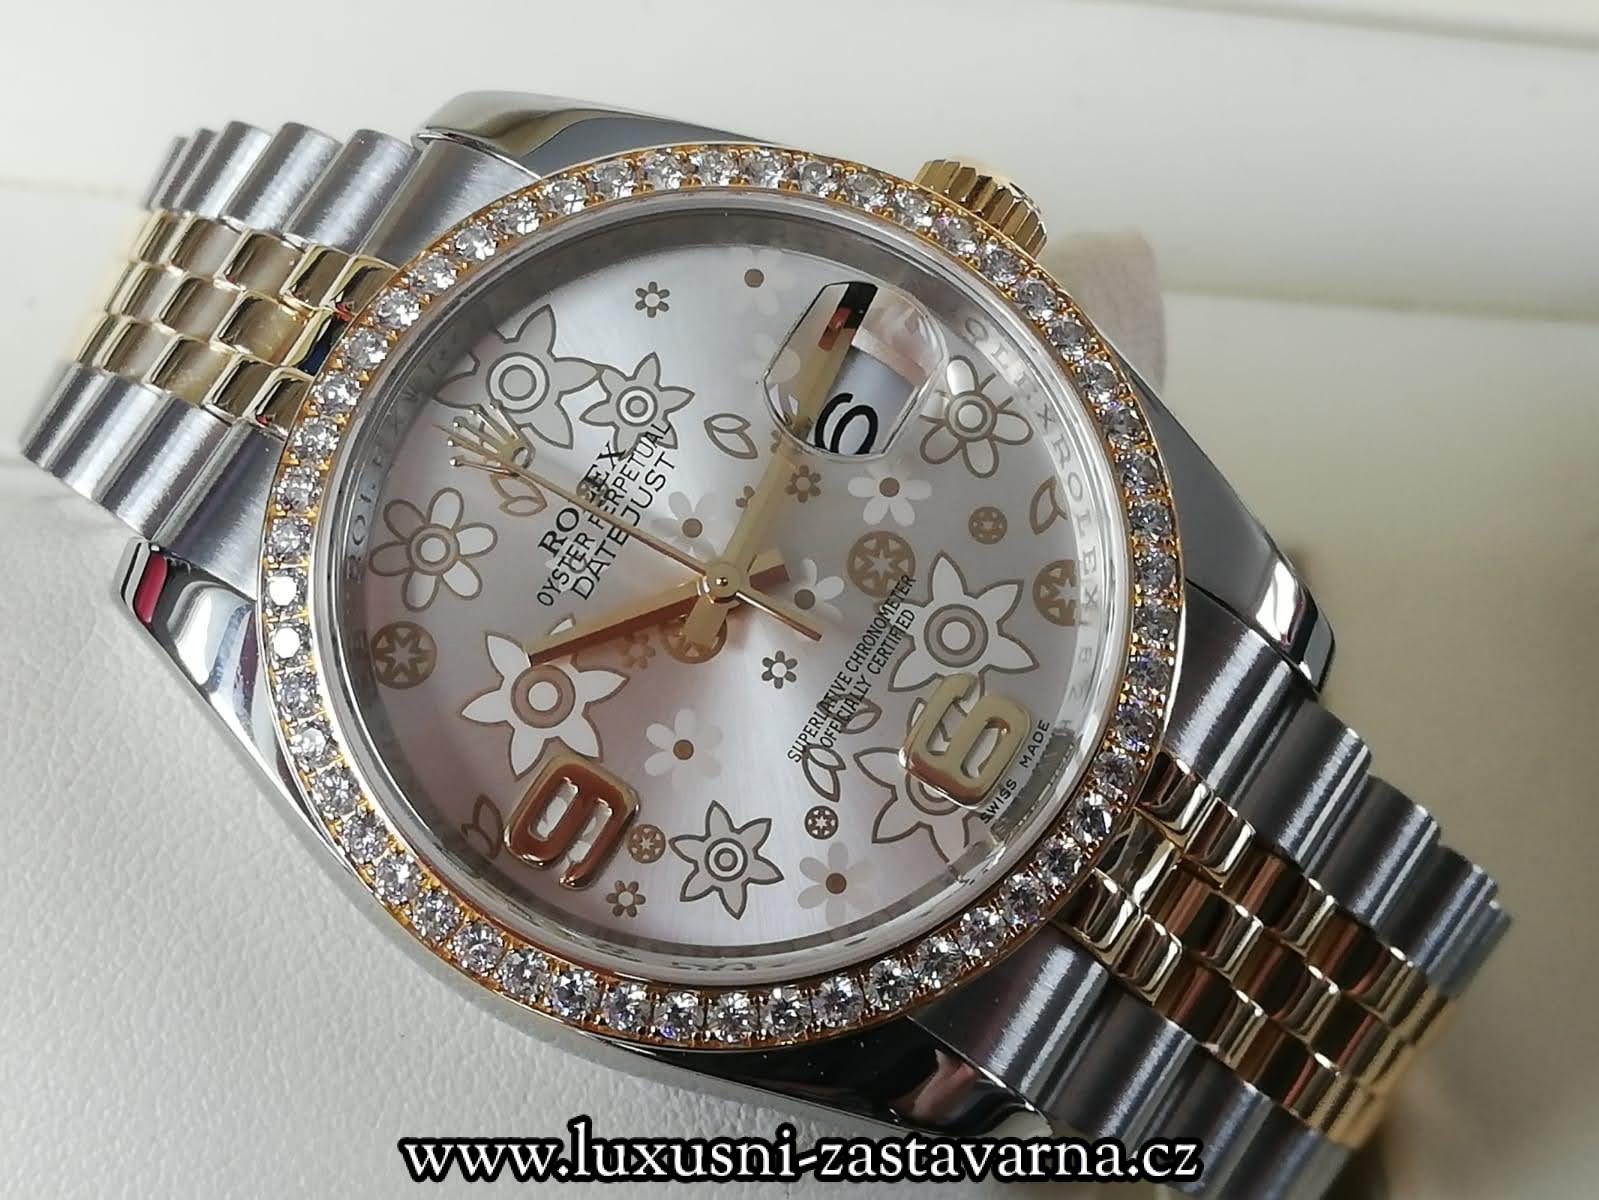 Datejust, jeden z nejslavnějších modelů hodinek vůbec